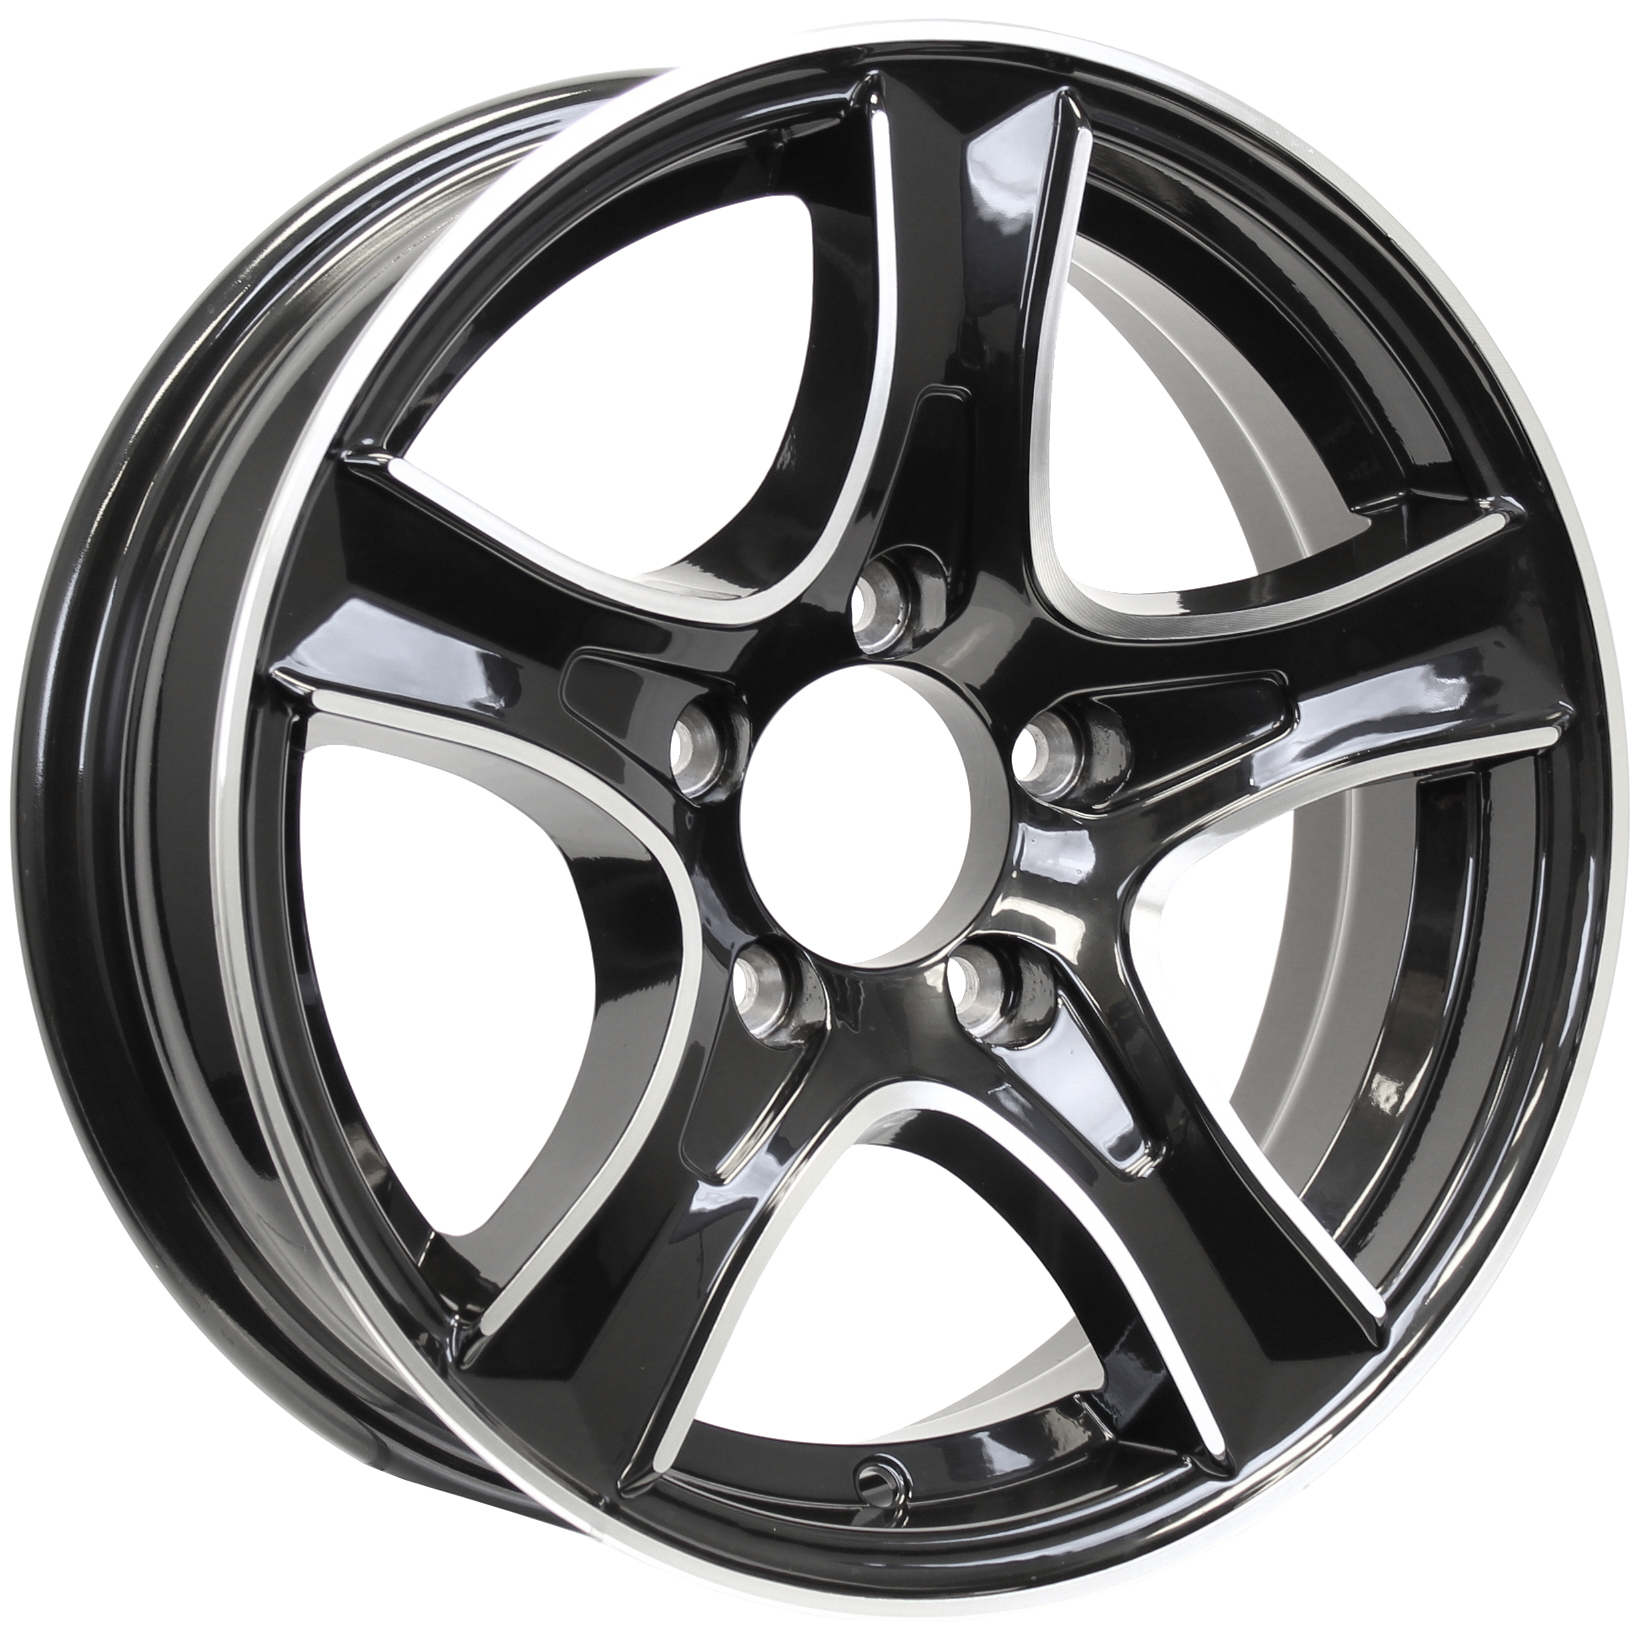 Thoroughbred 15x5 5-Lug Black Aluminum Trailer Wheel Image